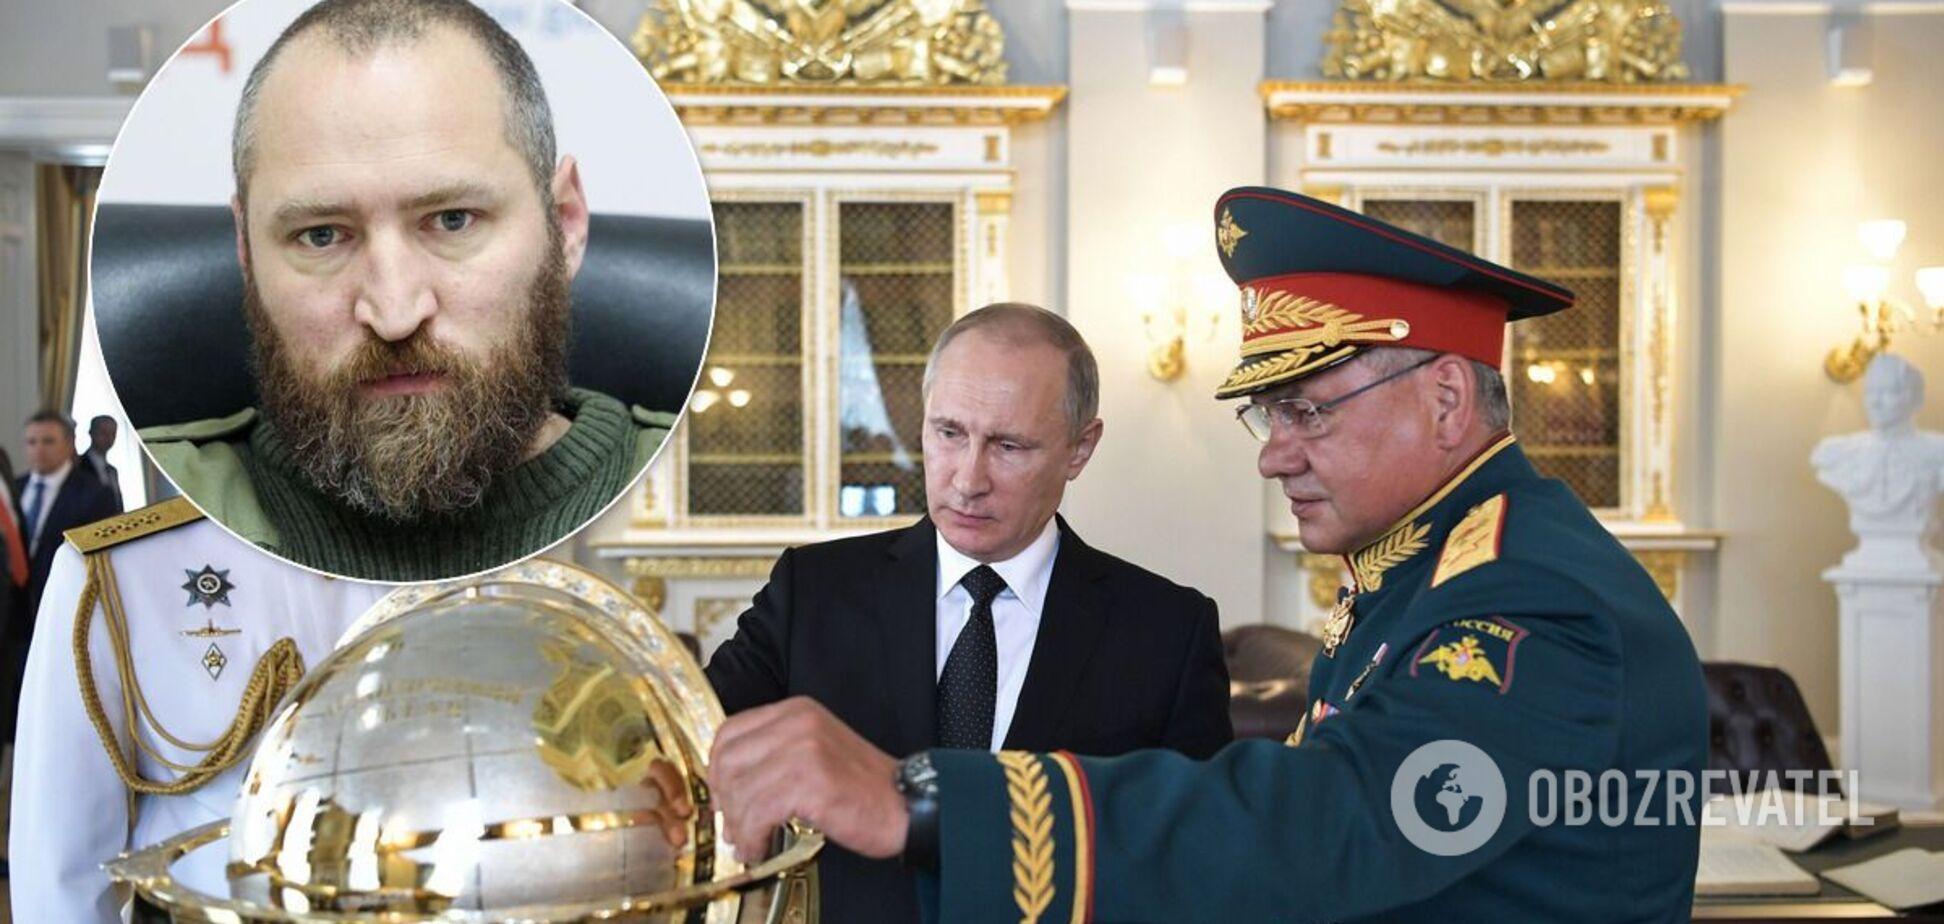 Гай: не надо ждать, когда Путин умрет, надо готовиться